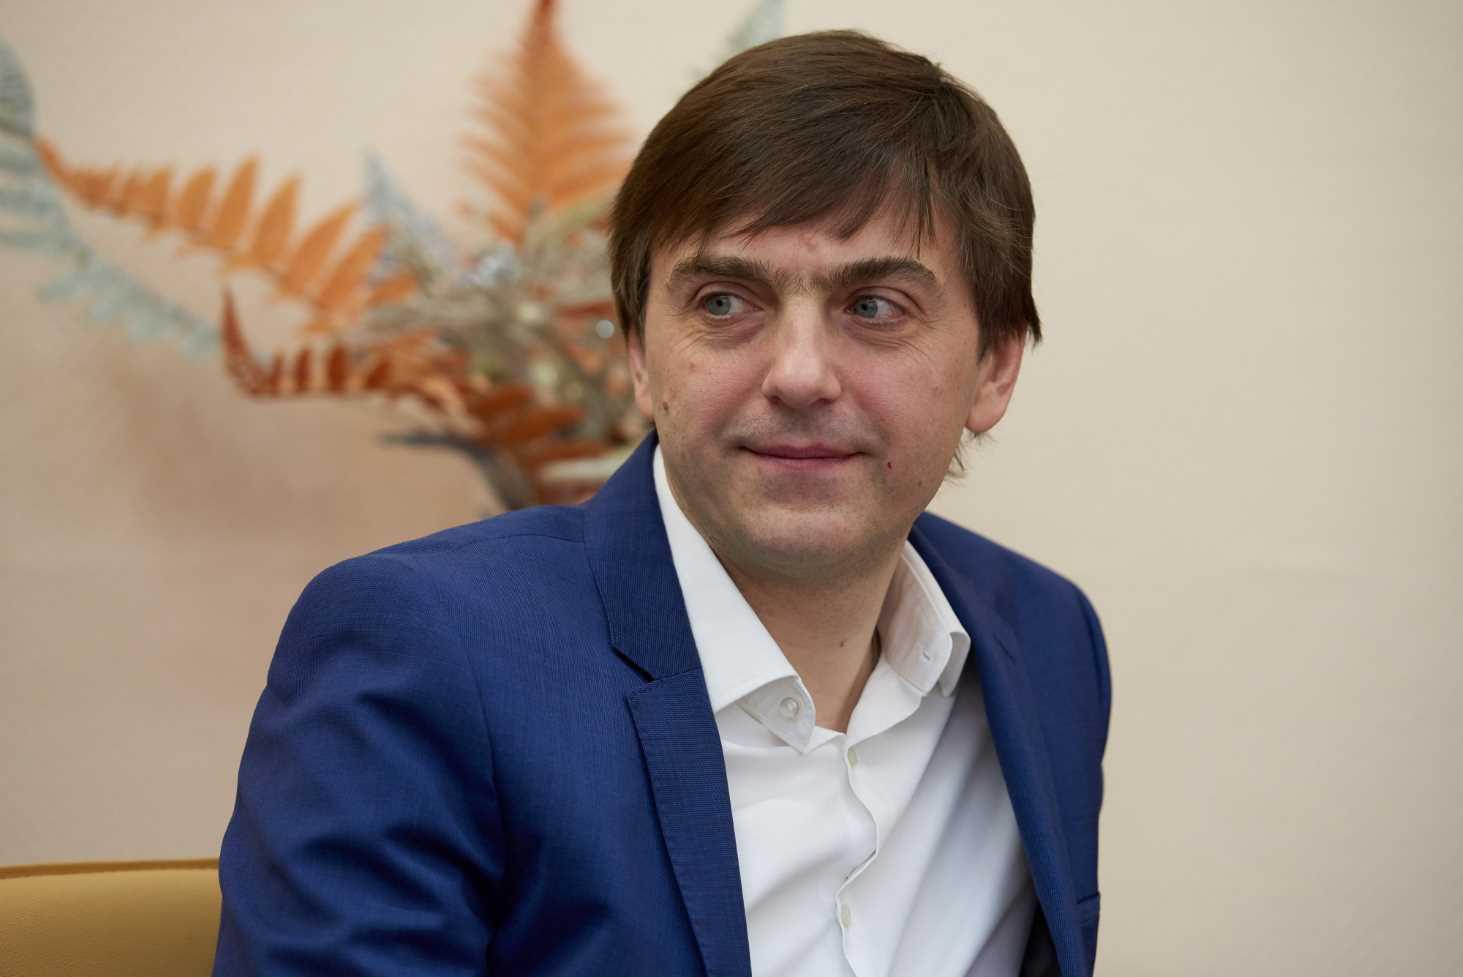 Сергей Кравцов рассказал, какие качества важно воспитывать в школьниках